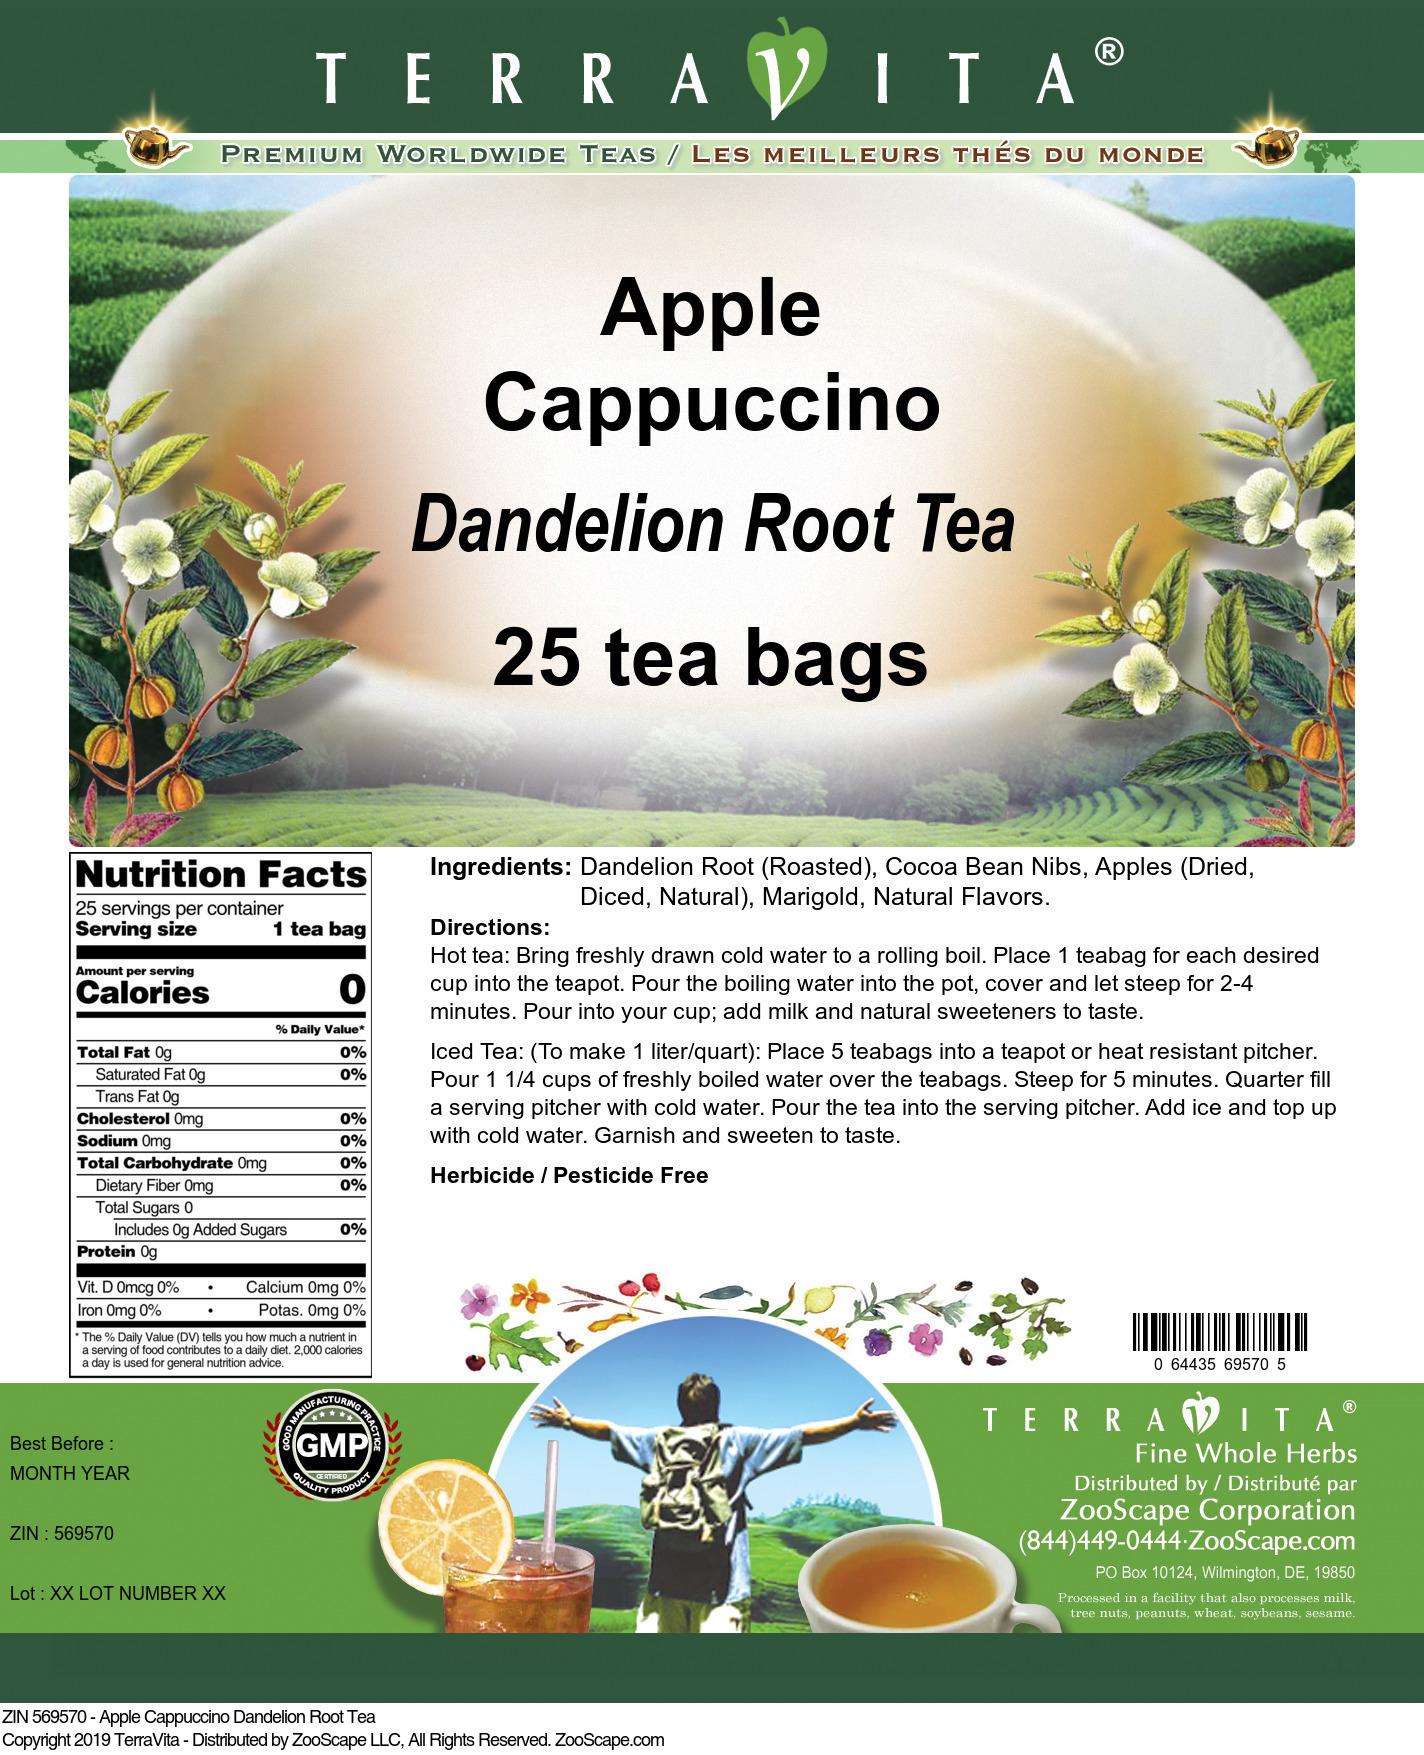 Apple Cappuccino Dandelion Root